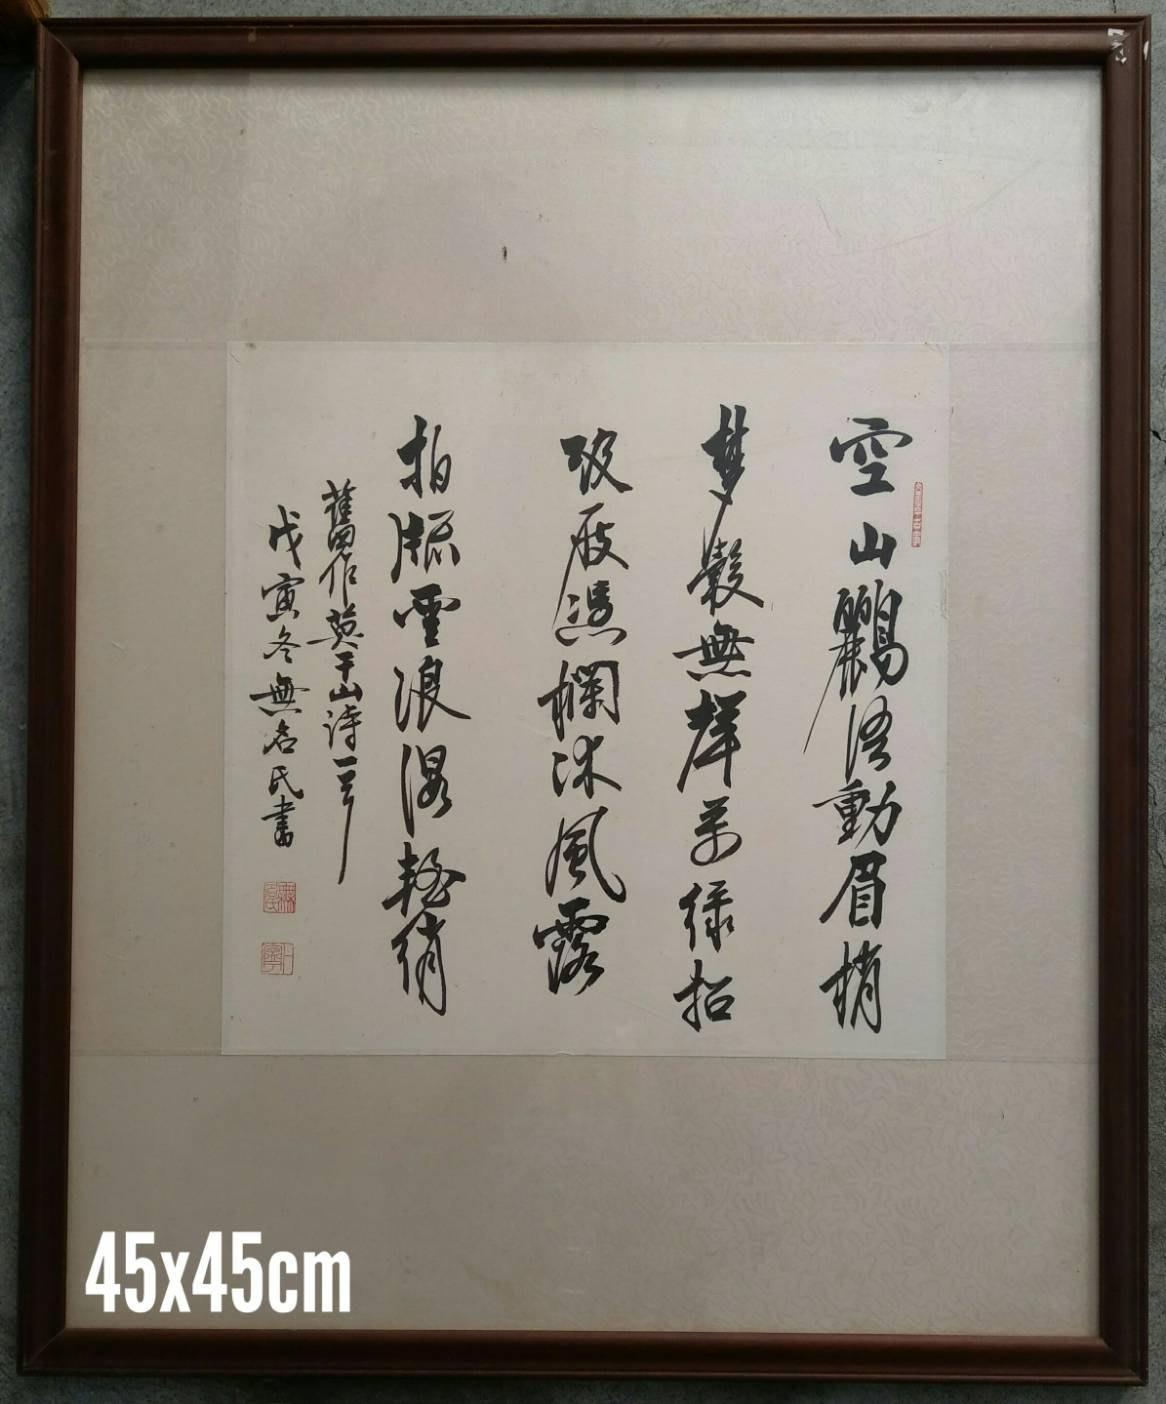 { 非比尋常} == 書法! 低調的文人雅士 在江南第一山創造出一首美麗的詩與大氣的書法佳作 !!